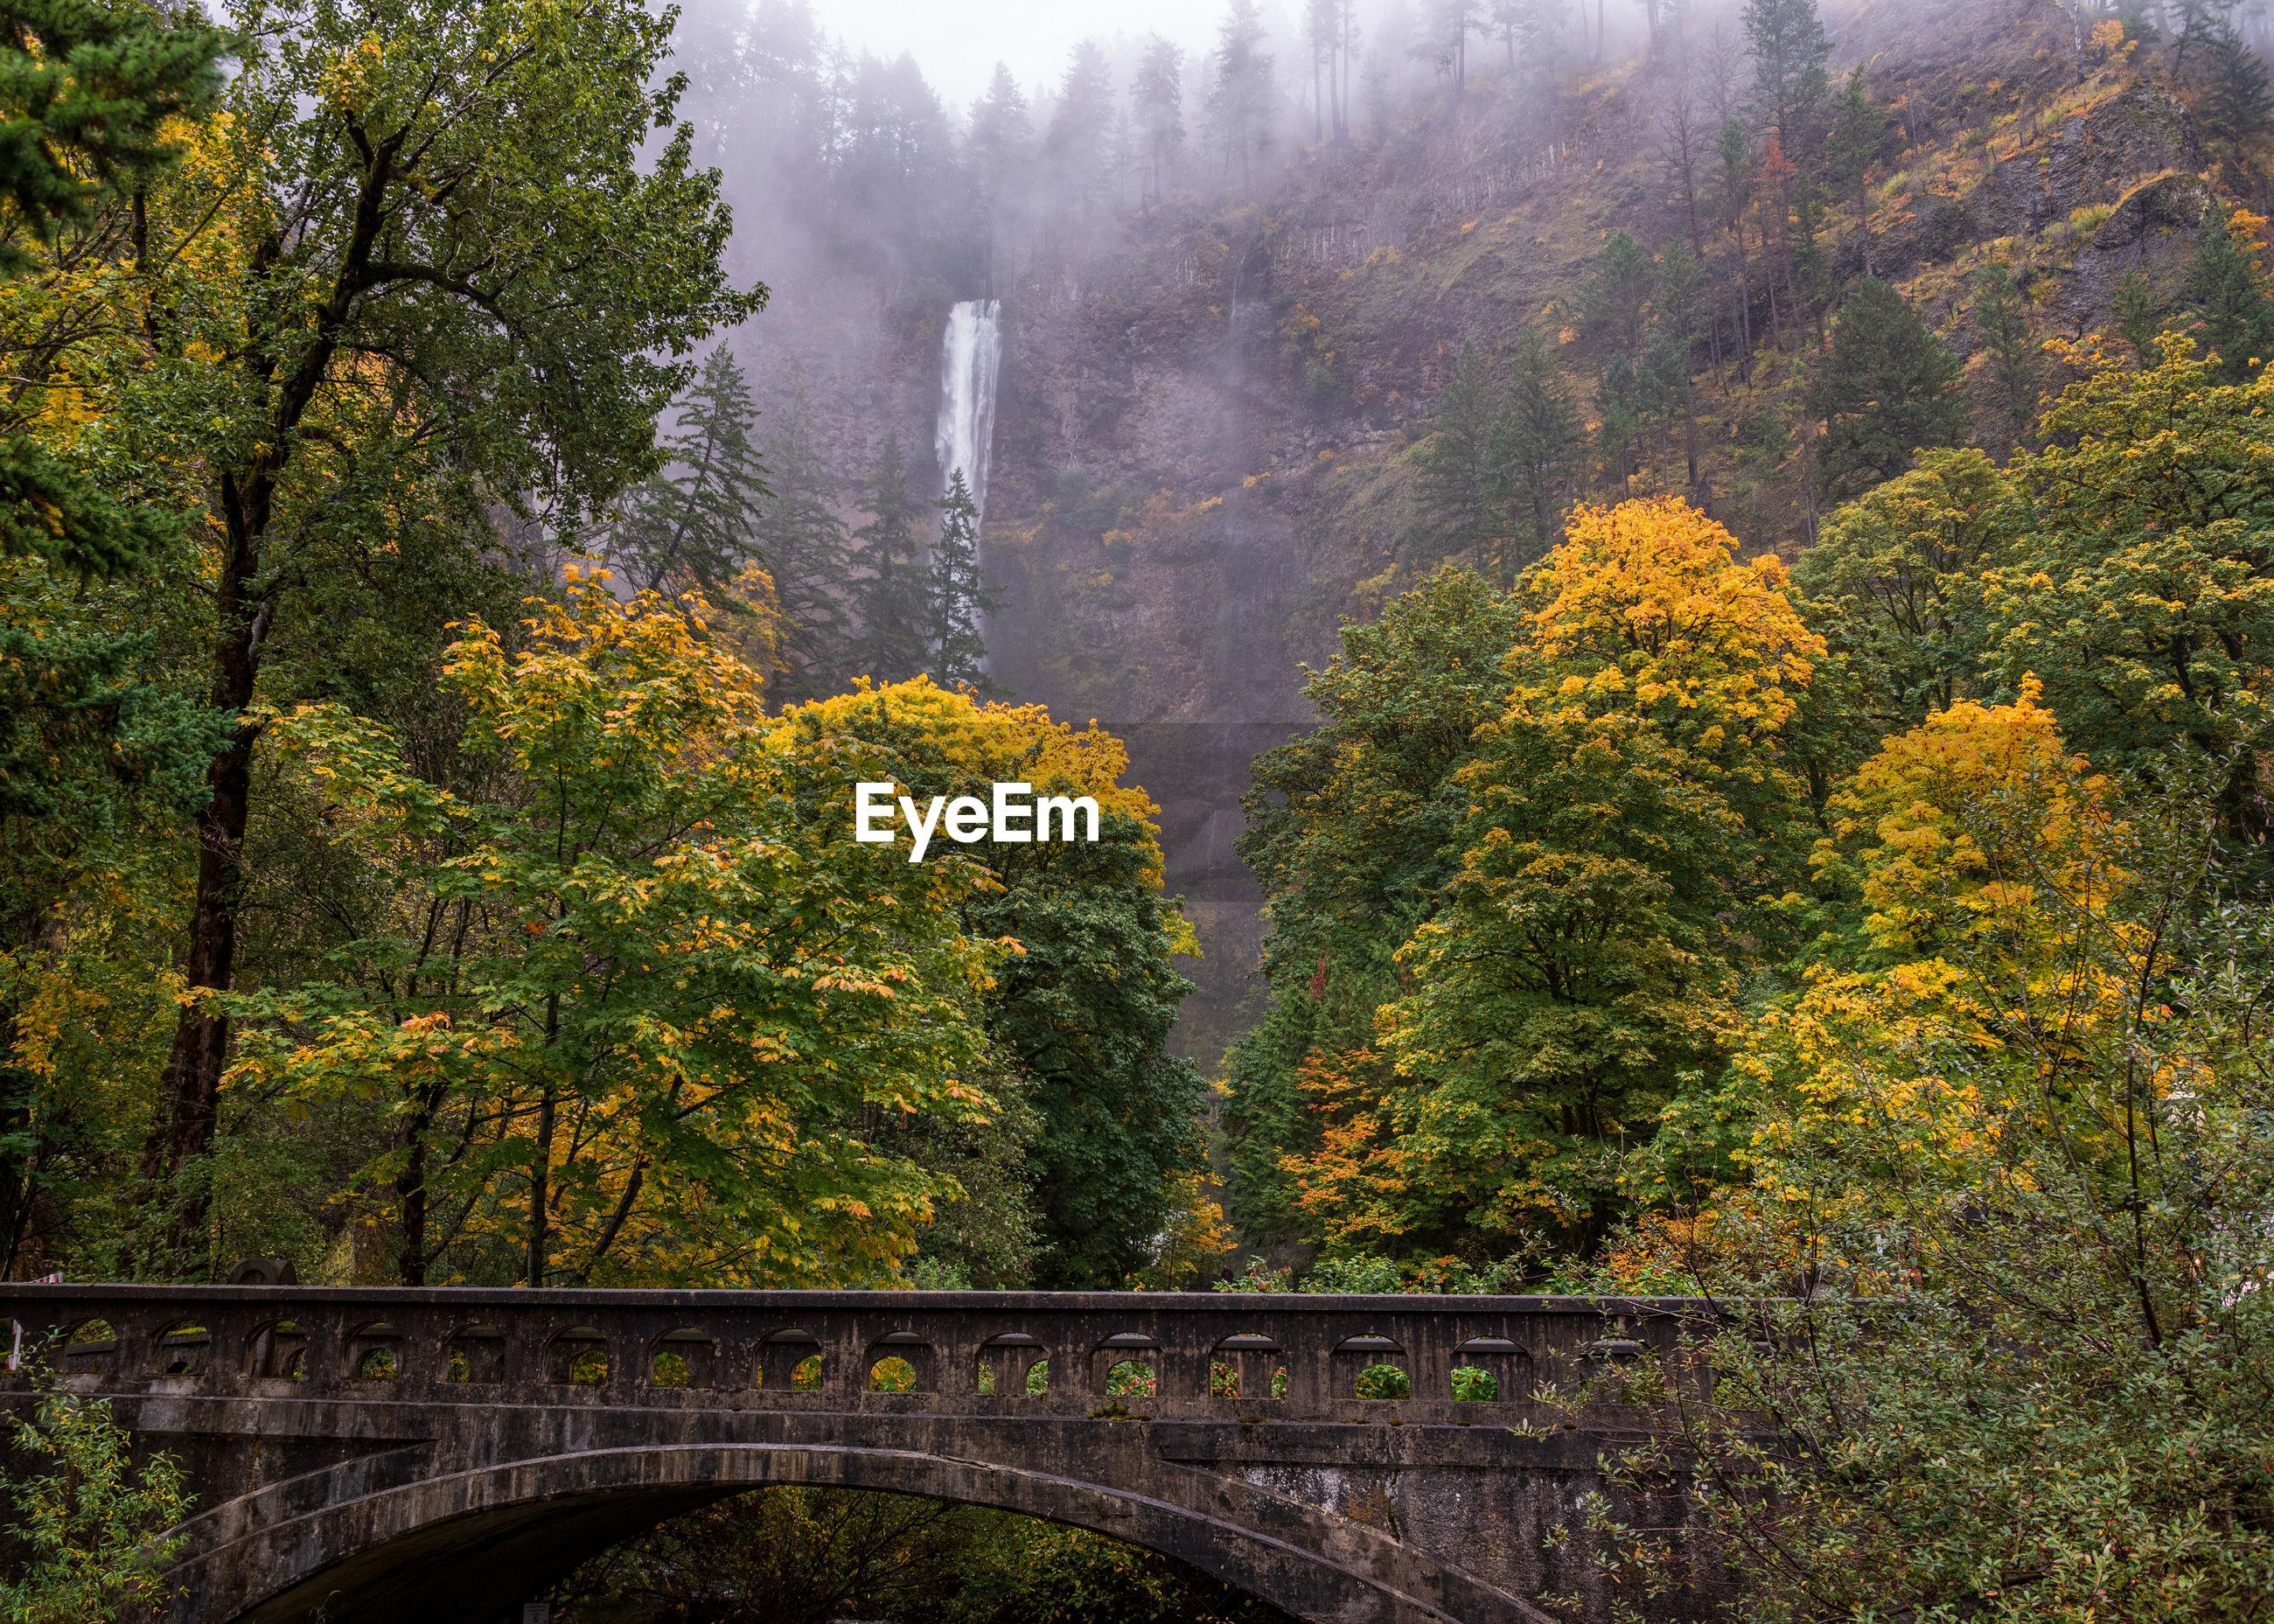 BRIDGE OVER FOREST DURING AUTUMN